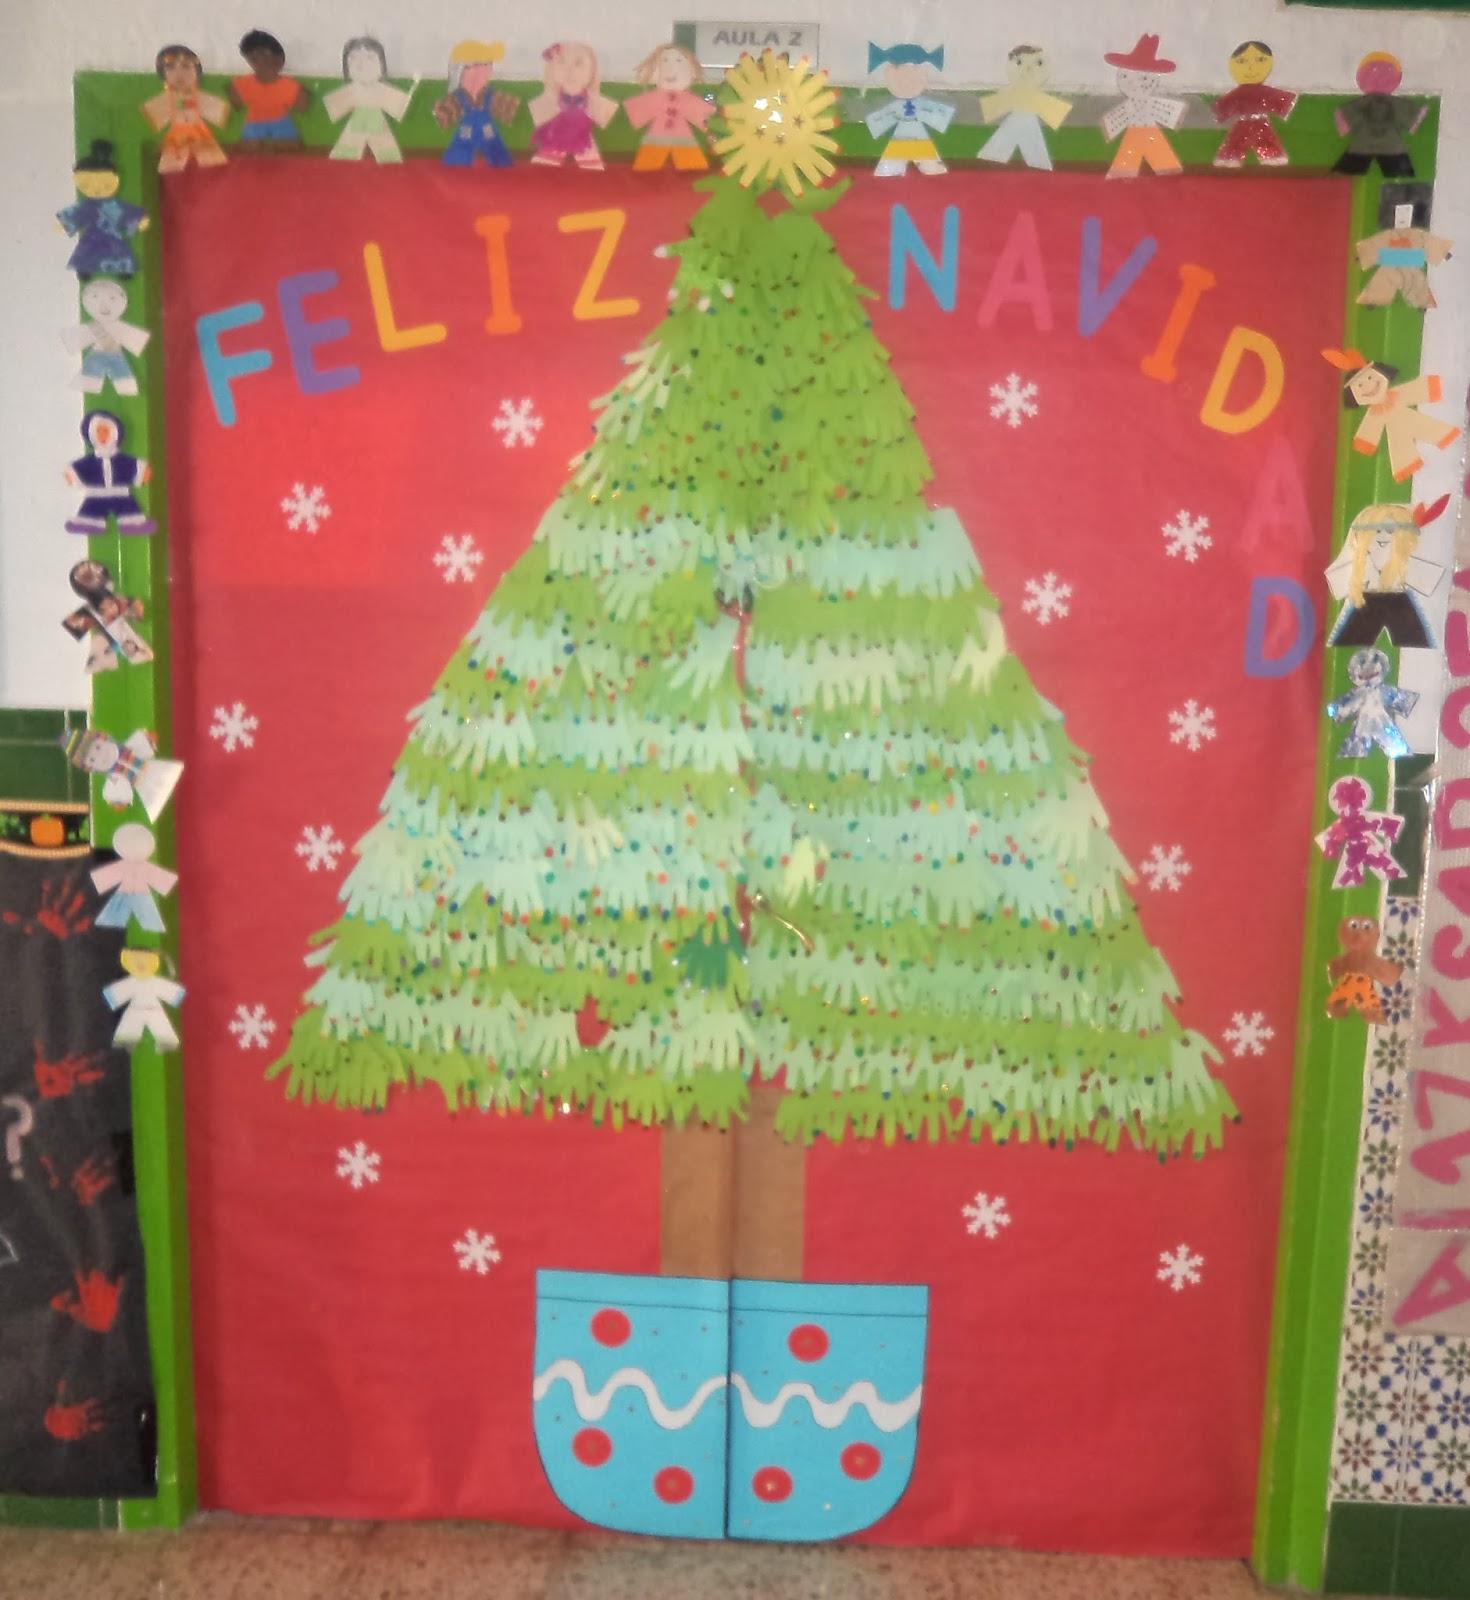 Peque as sonrisas nuestra puerta un aut ntico rbol de for Puertas decoradas navidad material reciclable